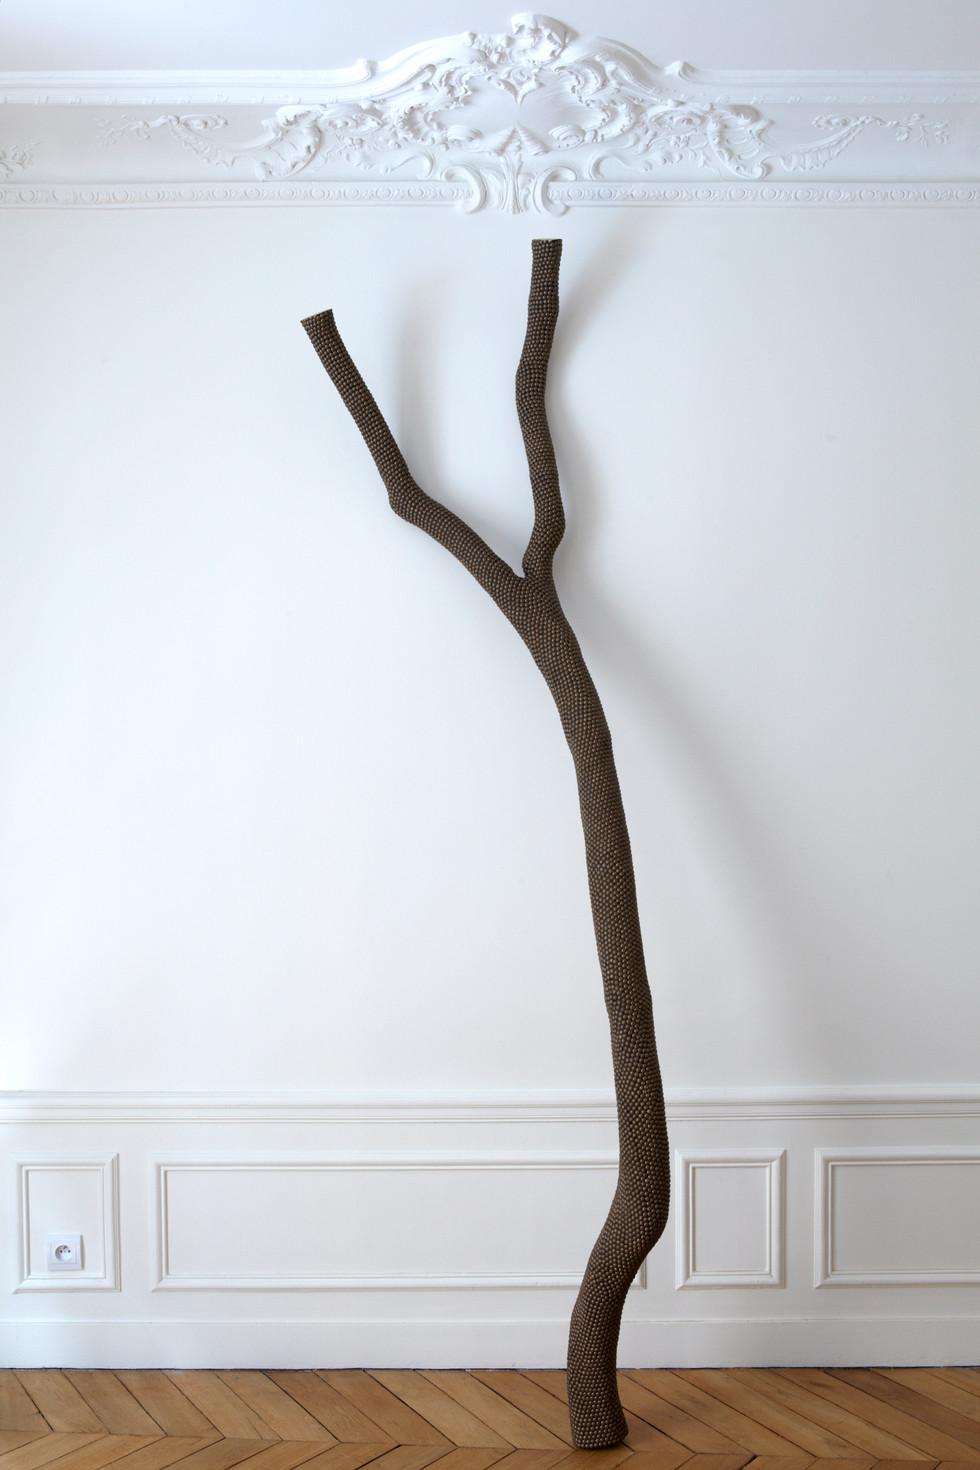 Sculpture © Jérémie Bouillon